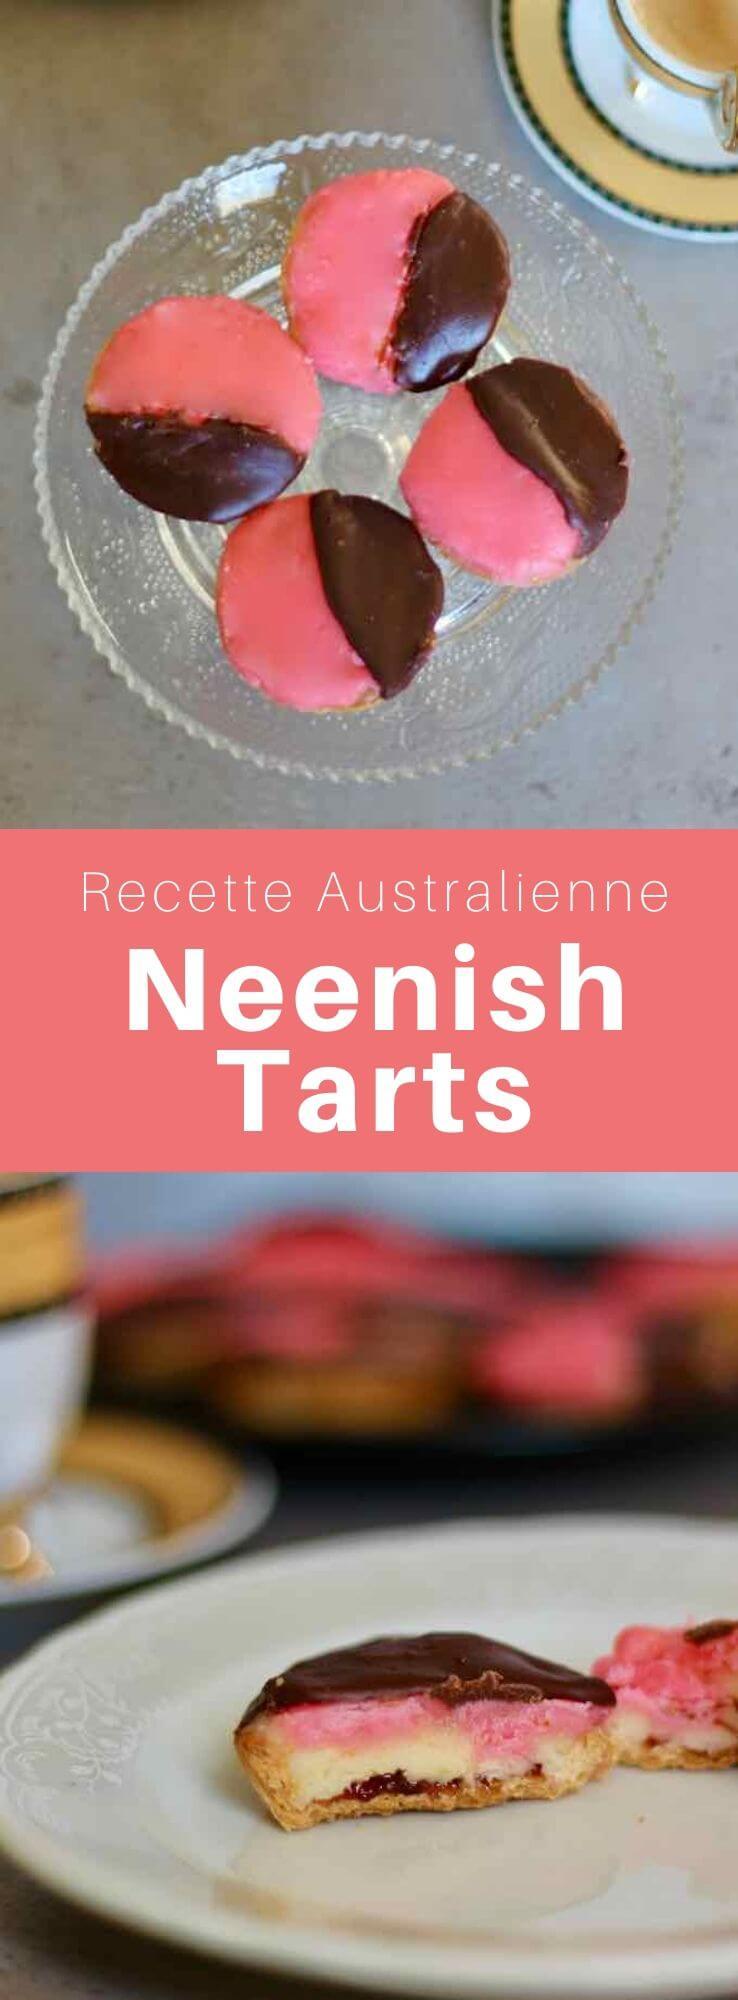 La tarte neenish est une tartelette composée d'une garniture de crème gélatinée et d'un glaçage bicolore populaire en Australie et Nouvelle Zélande. #Australie #NouvelleZelande #RecetteAustralienne #CuisineDuMonde #196flavors